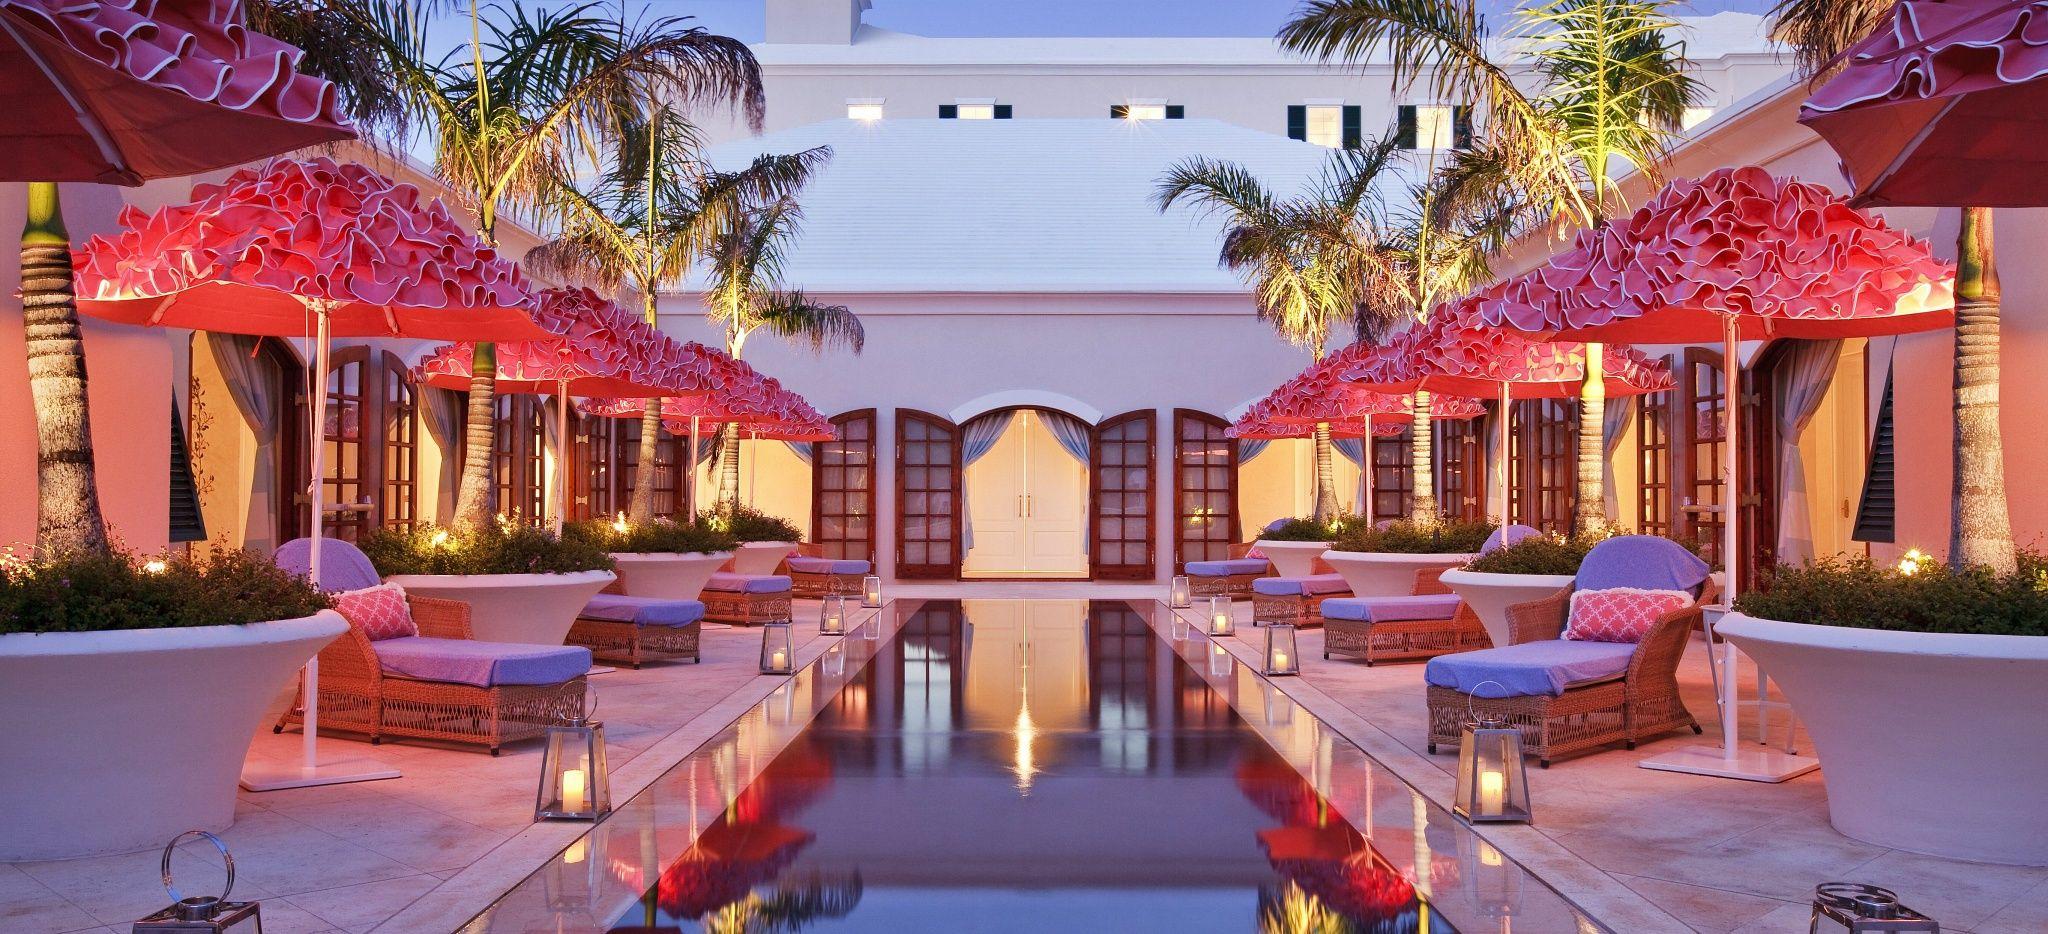 """Einige rosane Sonnenschirme und Strandliegen um einen kleinen Pool im Wellnessbereich des """"Rosewood Tucker's Point"""" Hotels"""